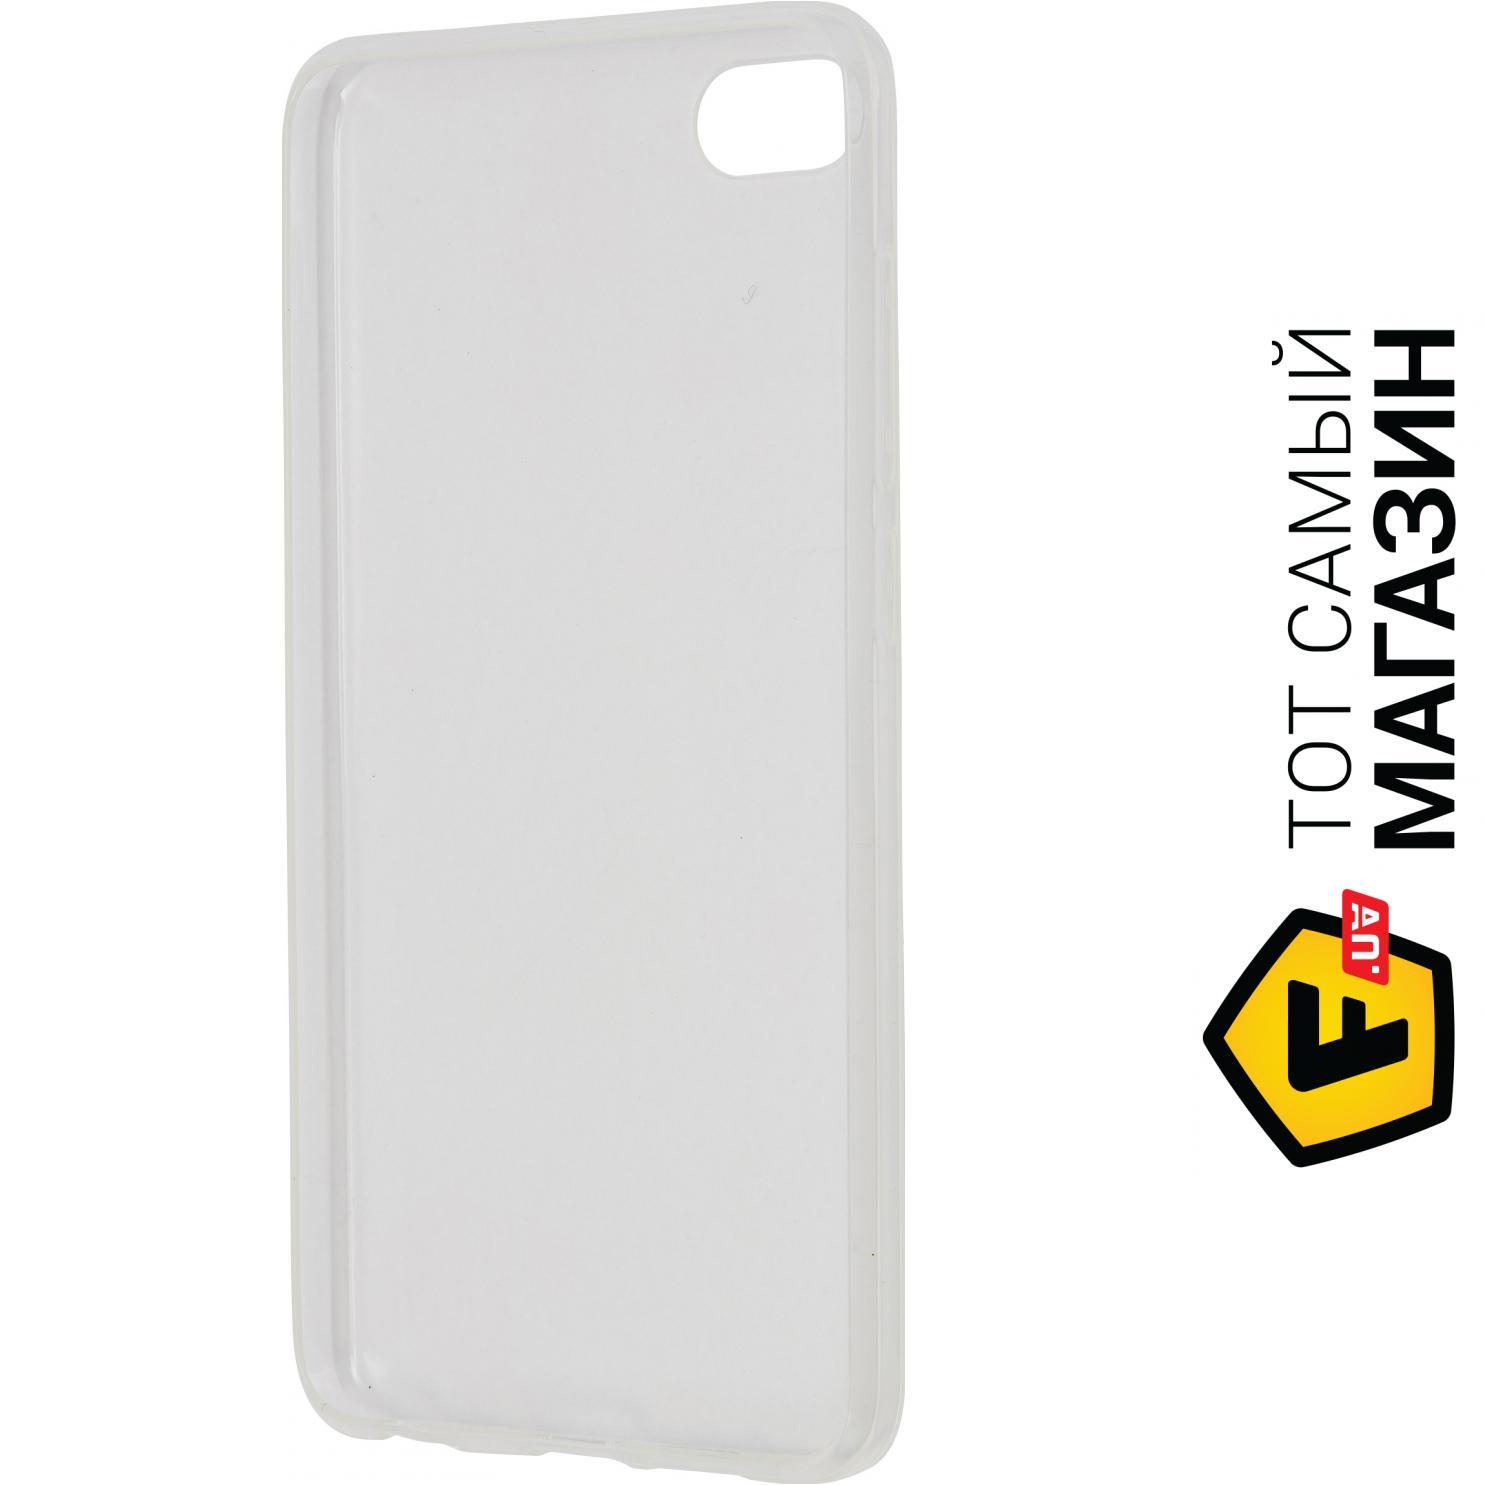 Чехол-бампер Xiaomi Mi Max White